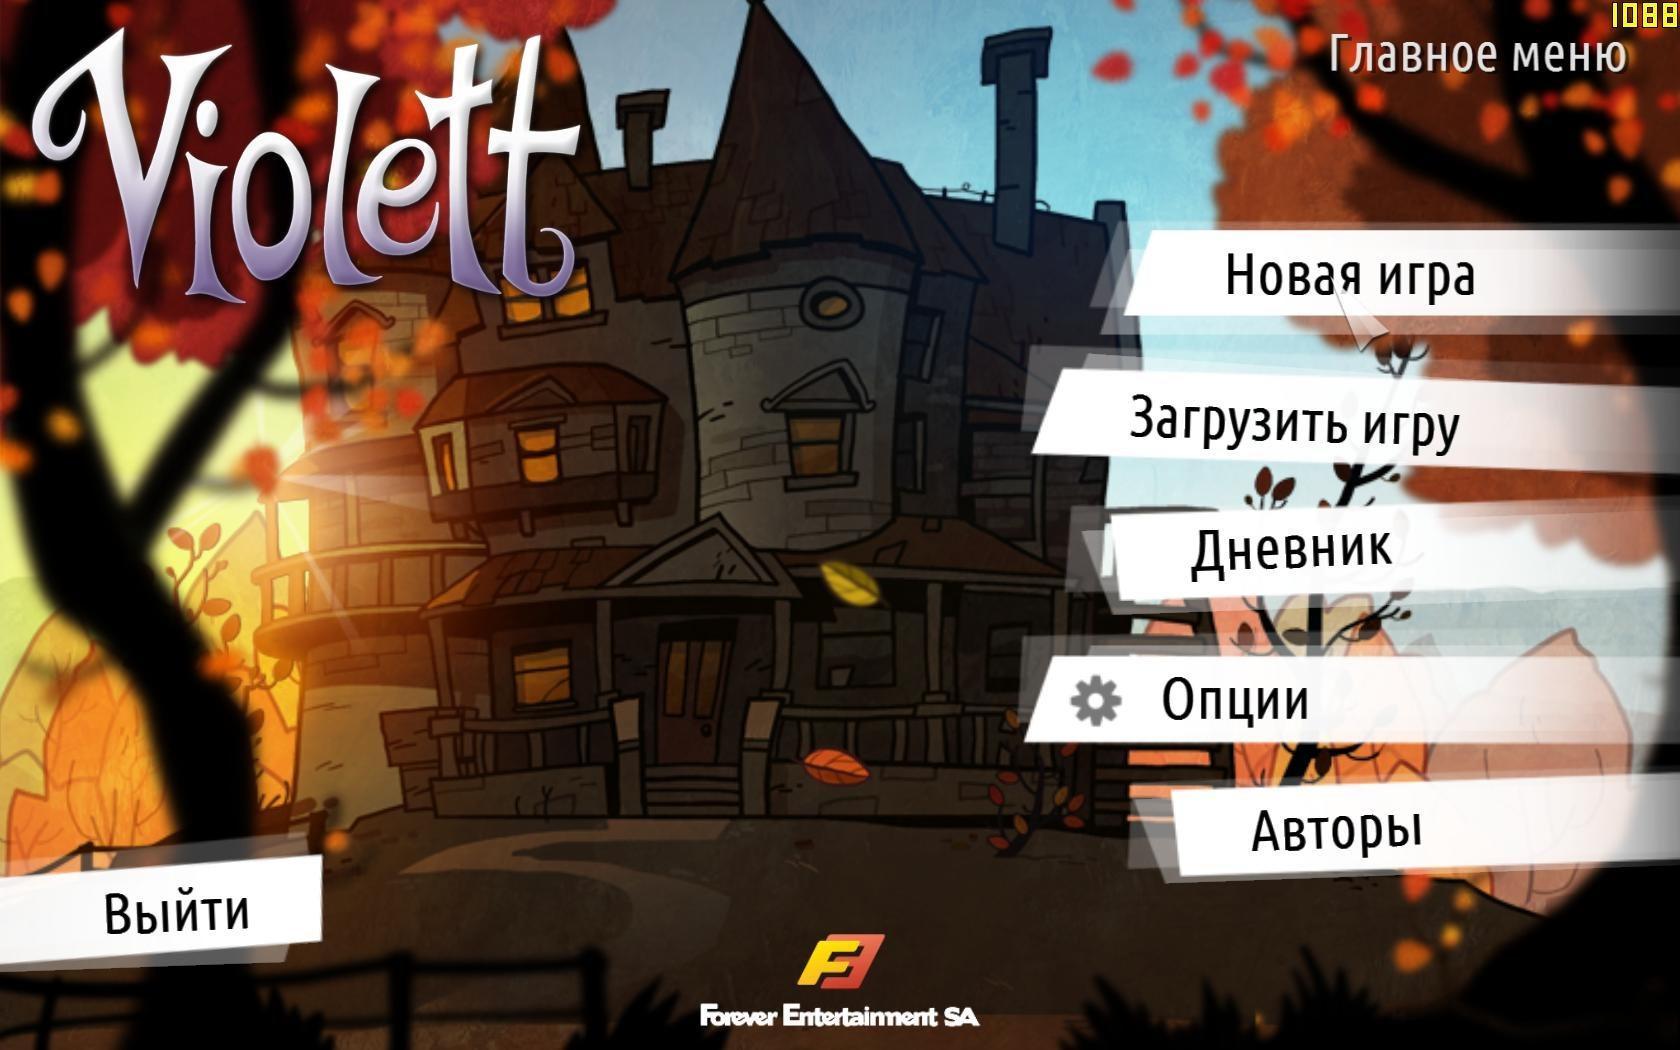 игру алиса в стране кошмаров через торрент на русский